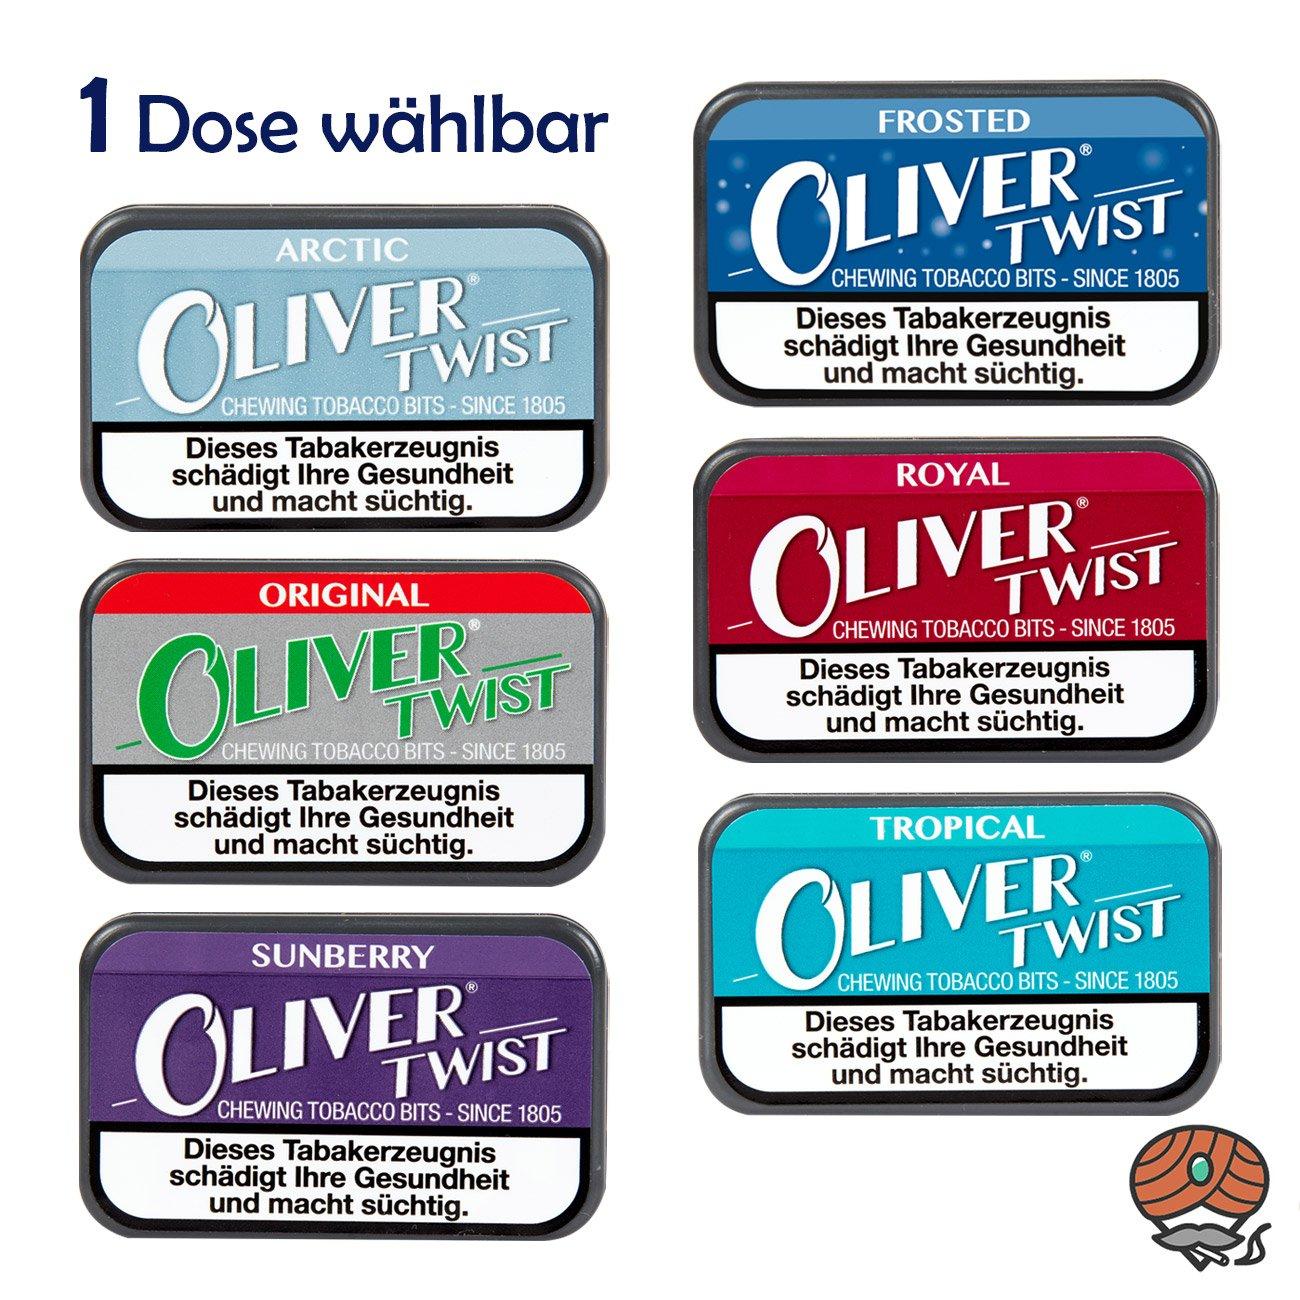 Oliver Twist Tabakpastillen, Kautabak, Chewing Bits, alle Sorten WÄHLBAR